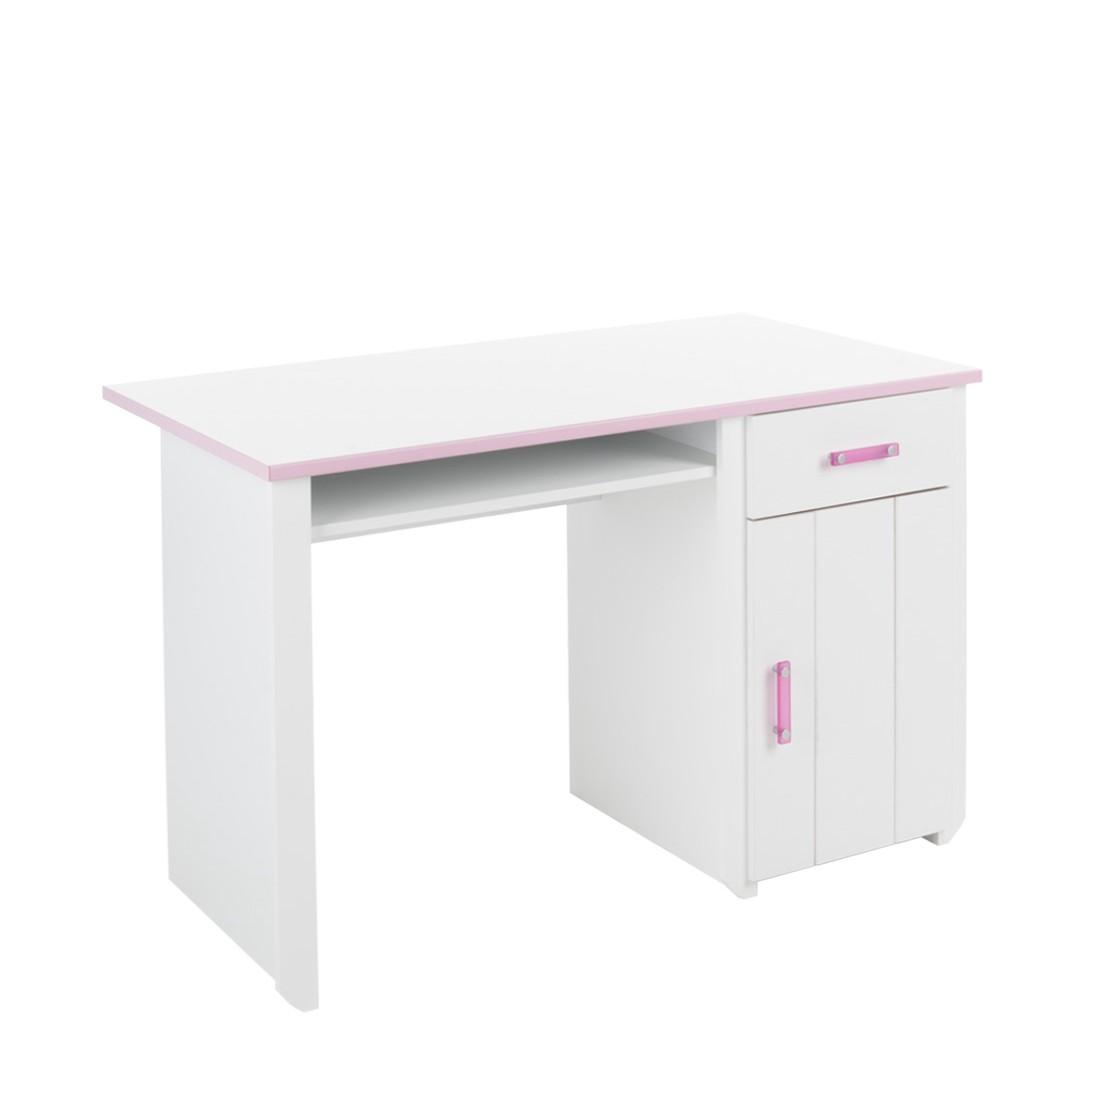 Home 24 - Bureau biotiful - décor blanc et rose, parisot meubles